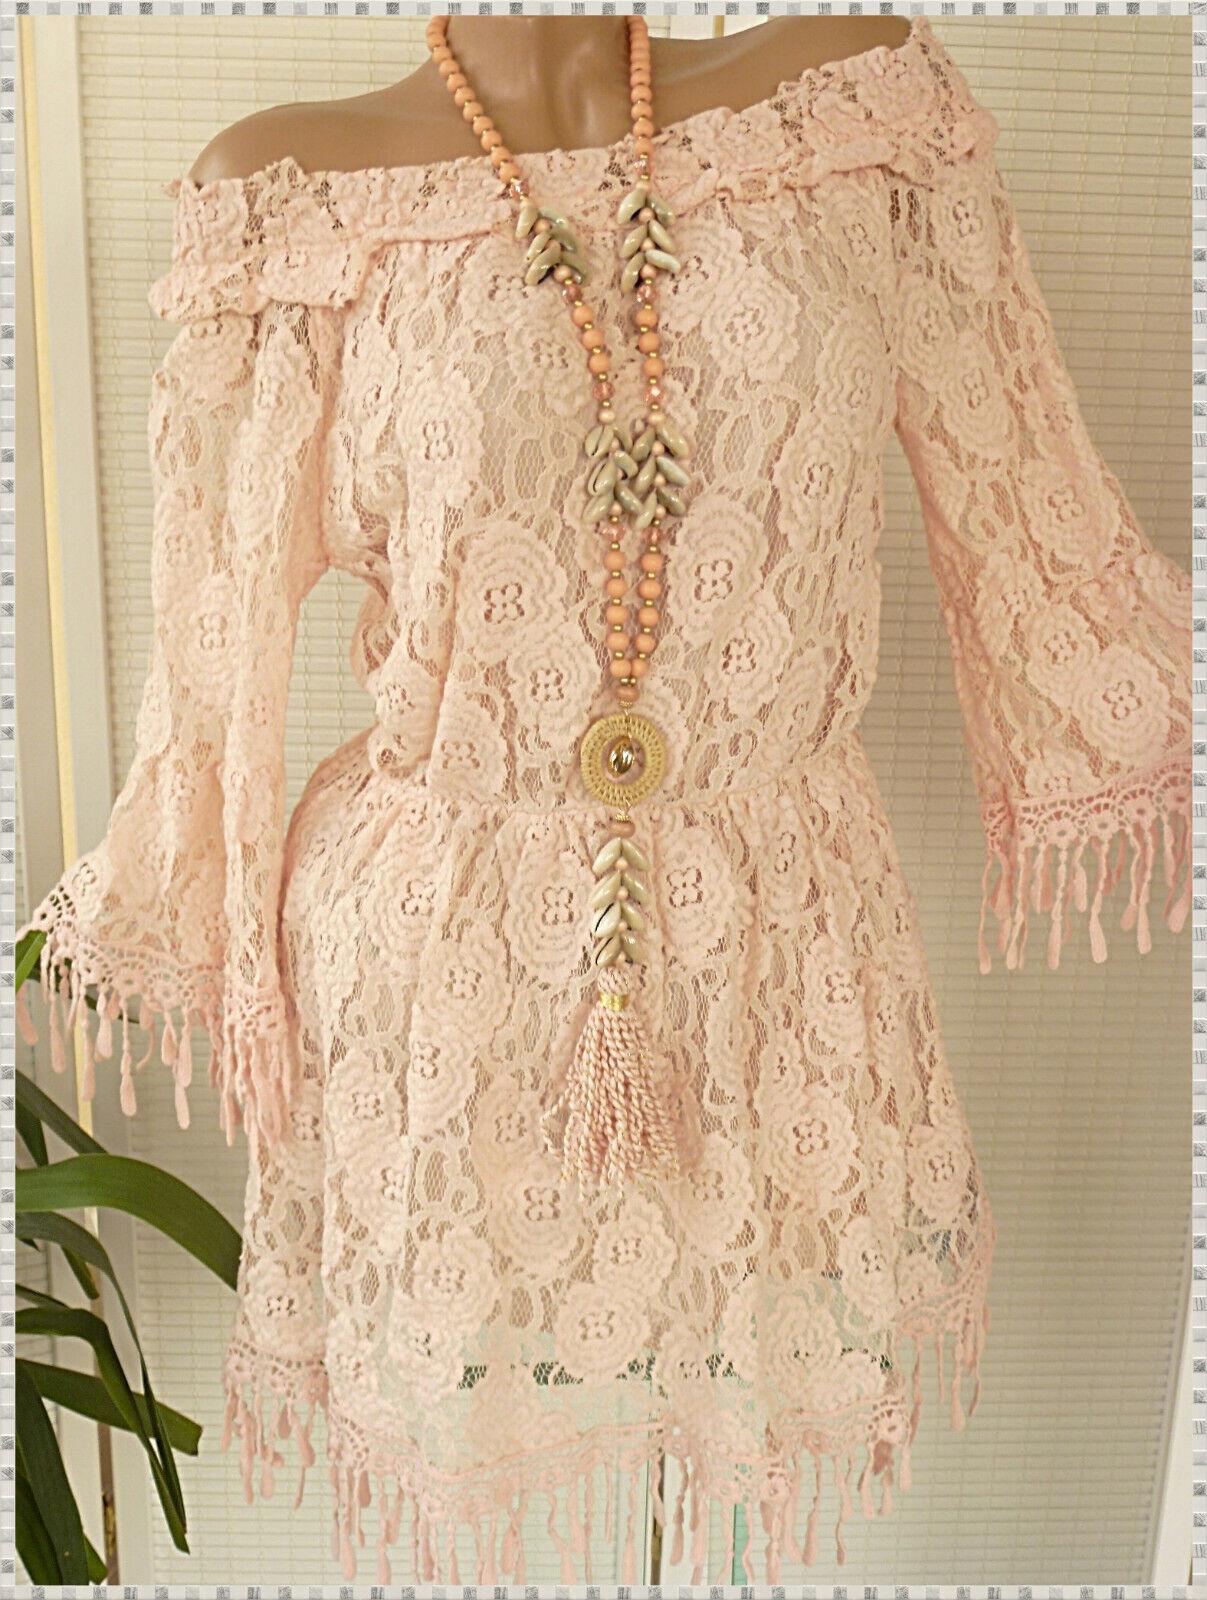 36 38 38 38 40 schöne Spitzen Tunika Kleid mit Fransen Carmen Ibiza Rosa